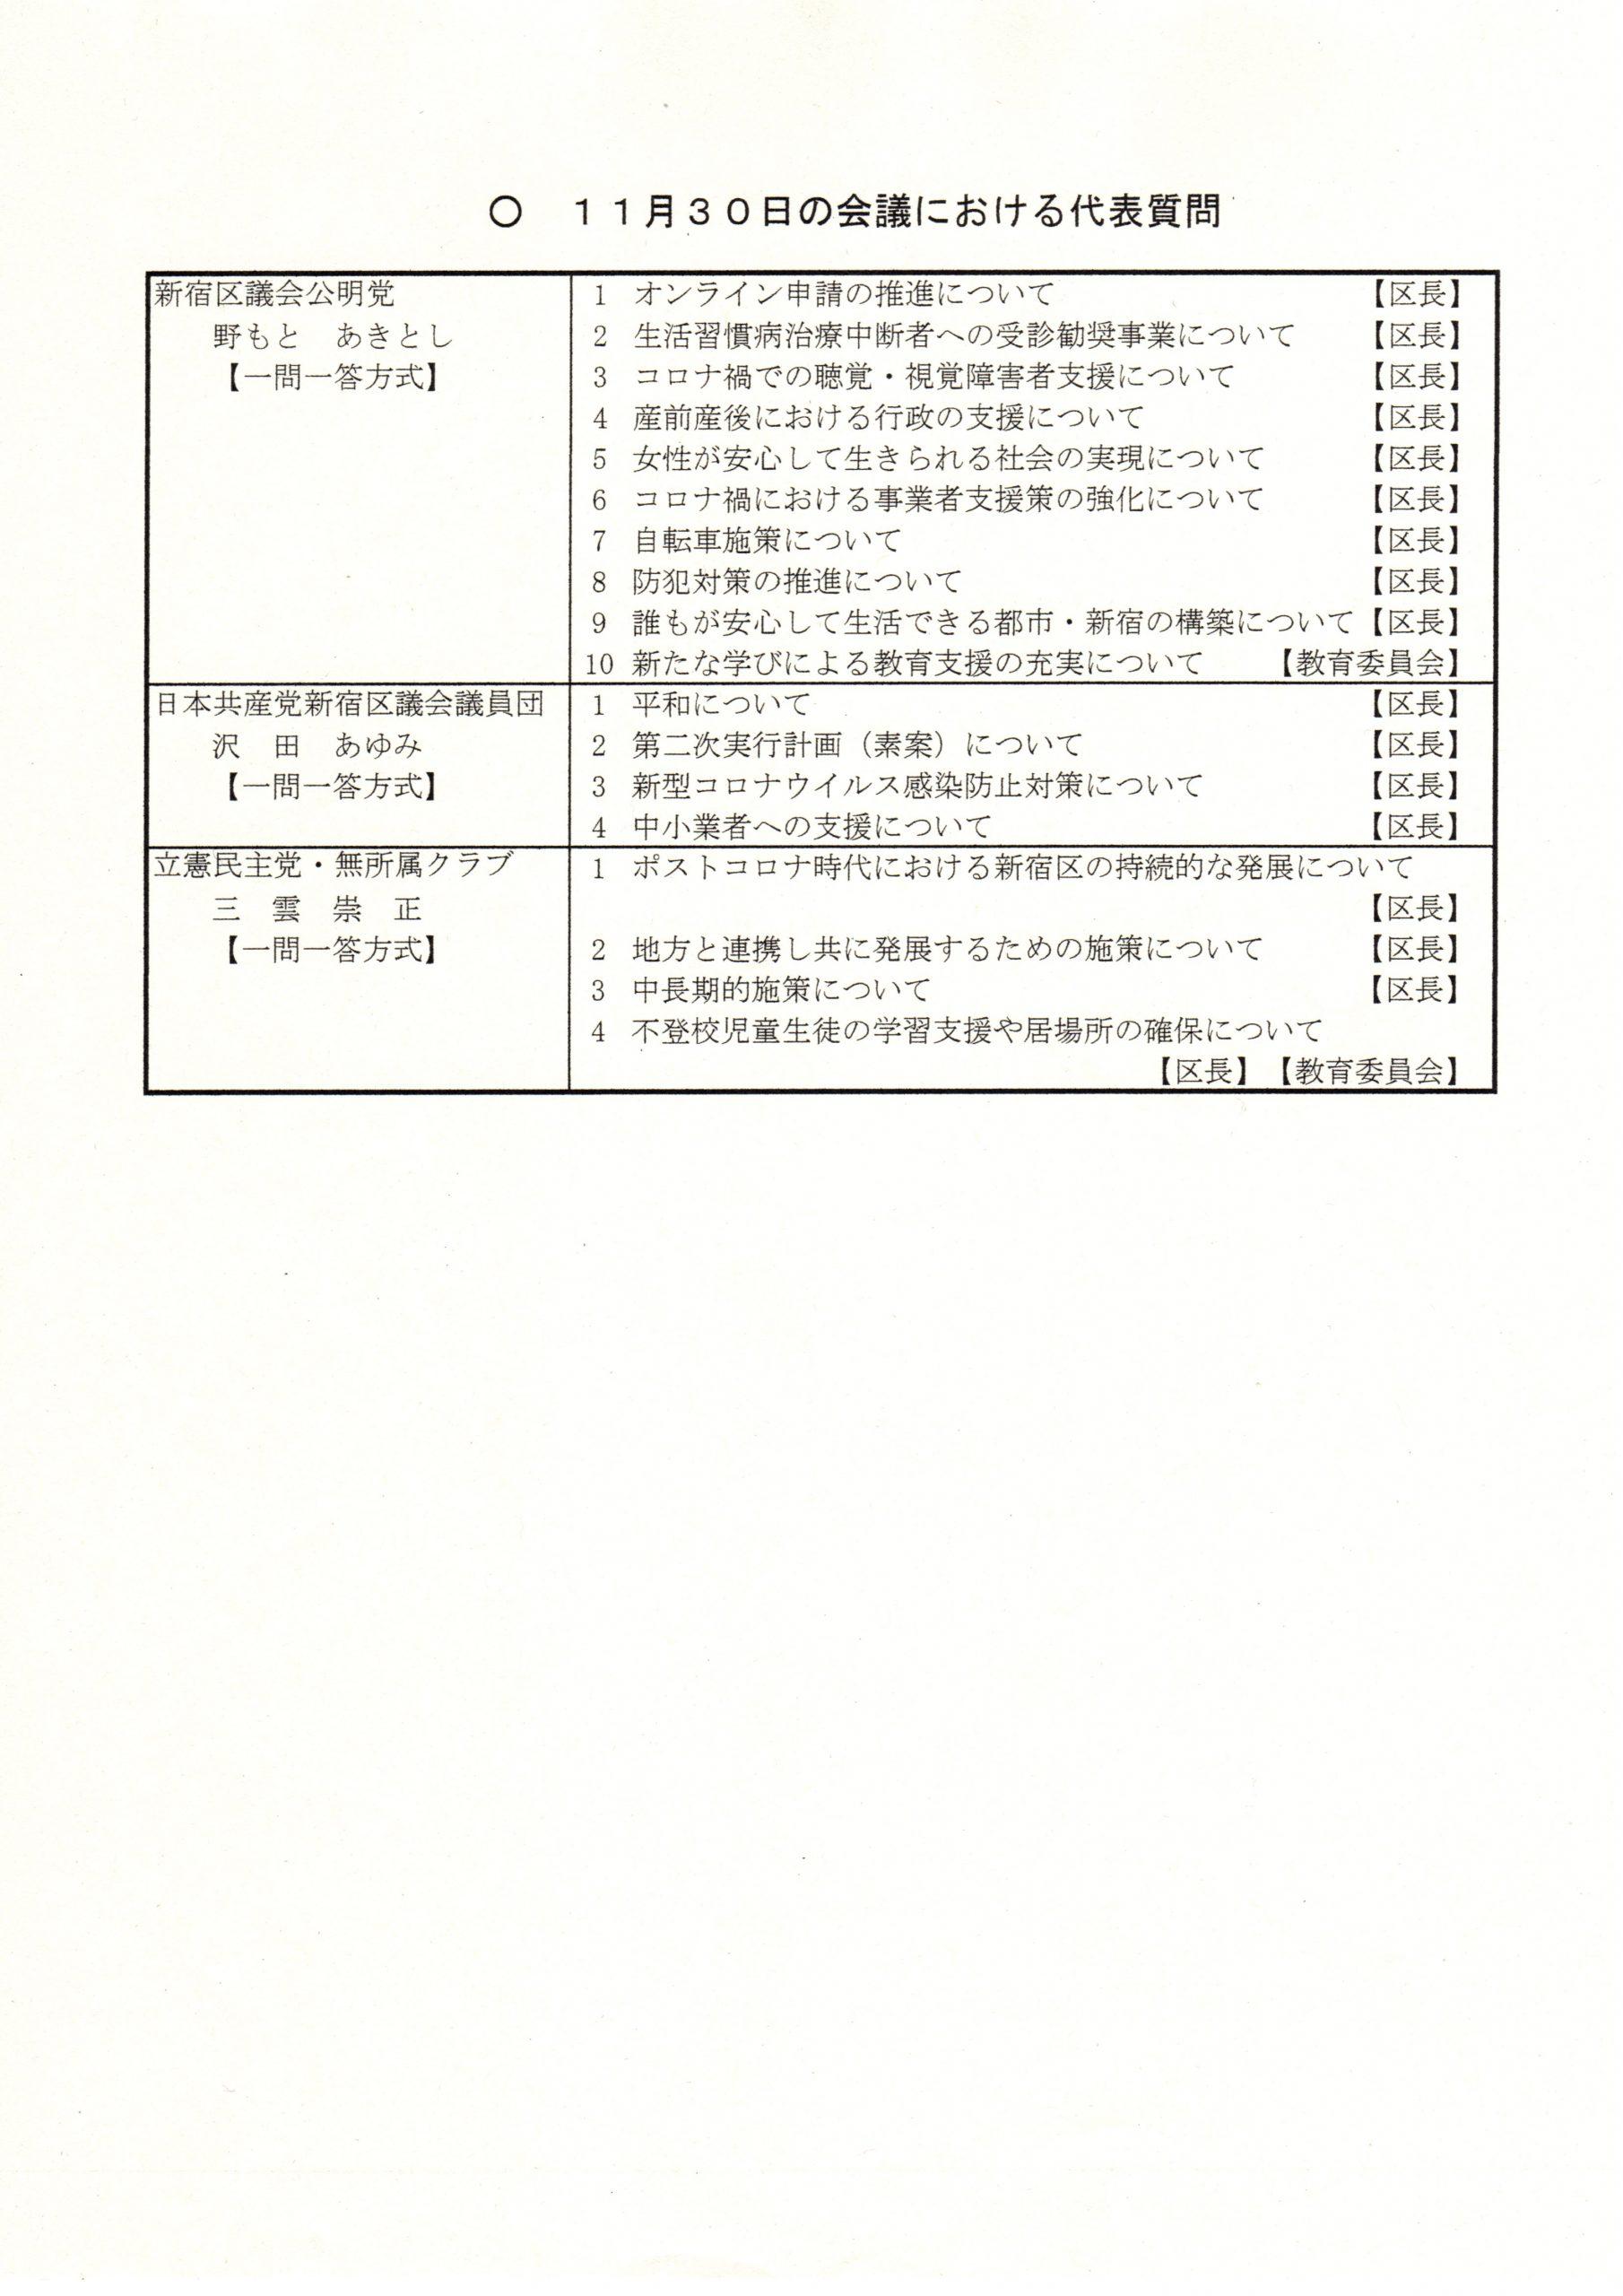 「新宿区議会、12月1日11時20分頃登壇しまーーーッす!!(*゚▽゚)ノ」